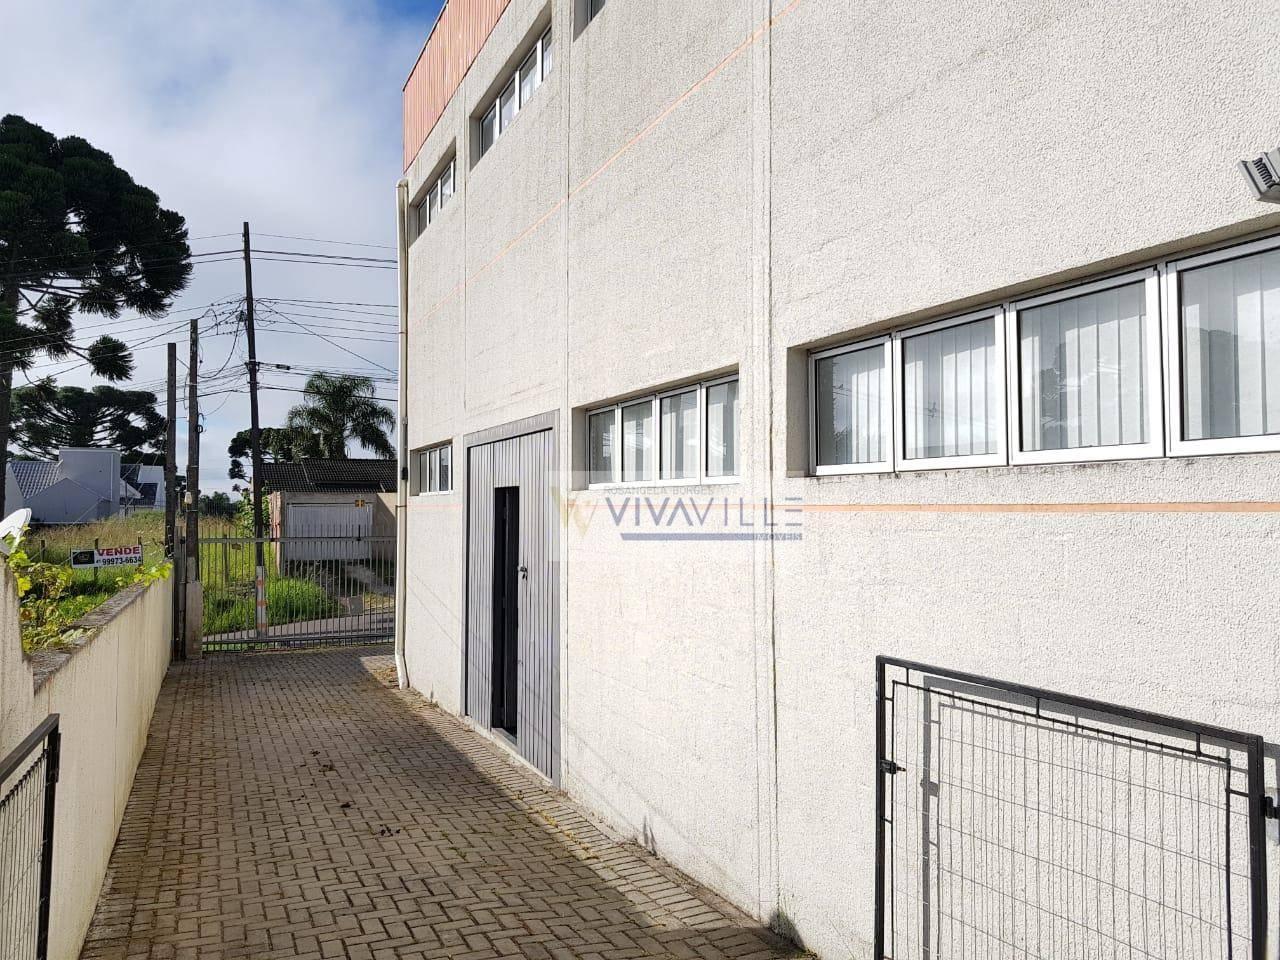 Barracão à venda por R$ 790.000 - Santa Cândida - Curitiba/PR